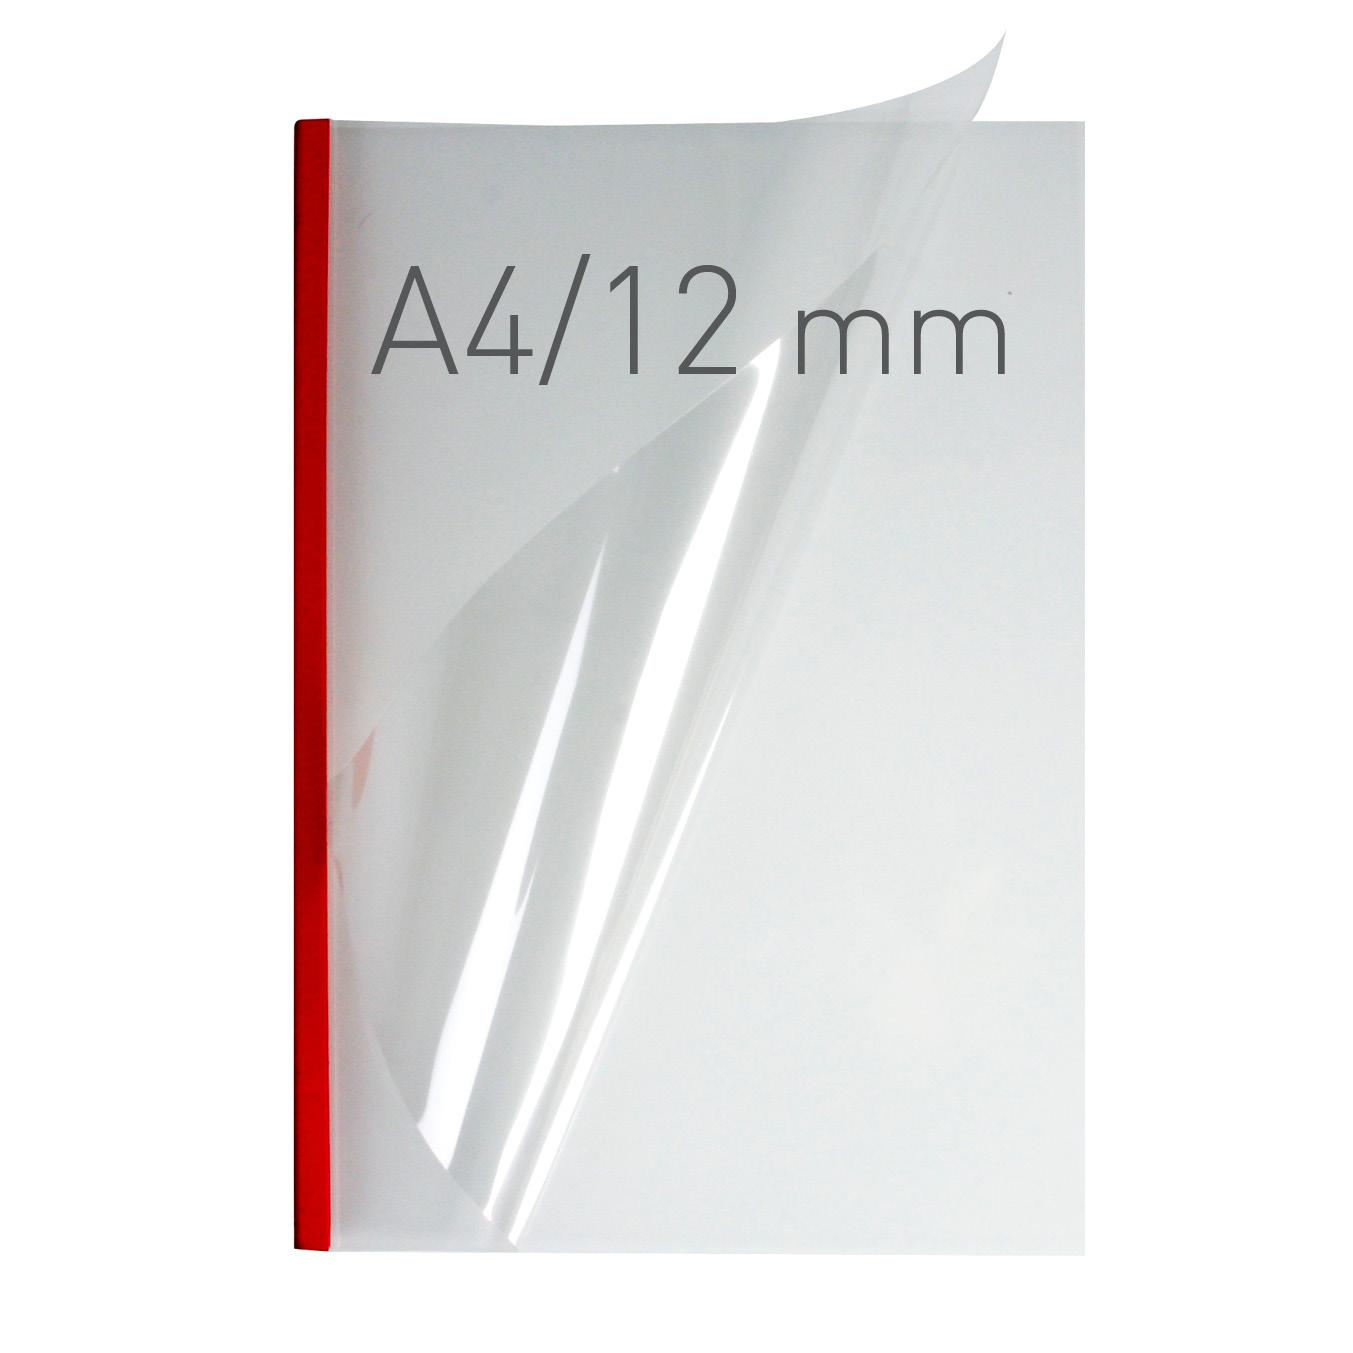 Przezroczyste termookładki miękkie - O.THERMOTOP Double Clear - (12 mm) - 297 x 210 mm (A4 pionowa) - czerwony - 30 sztuk